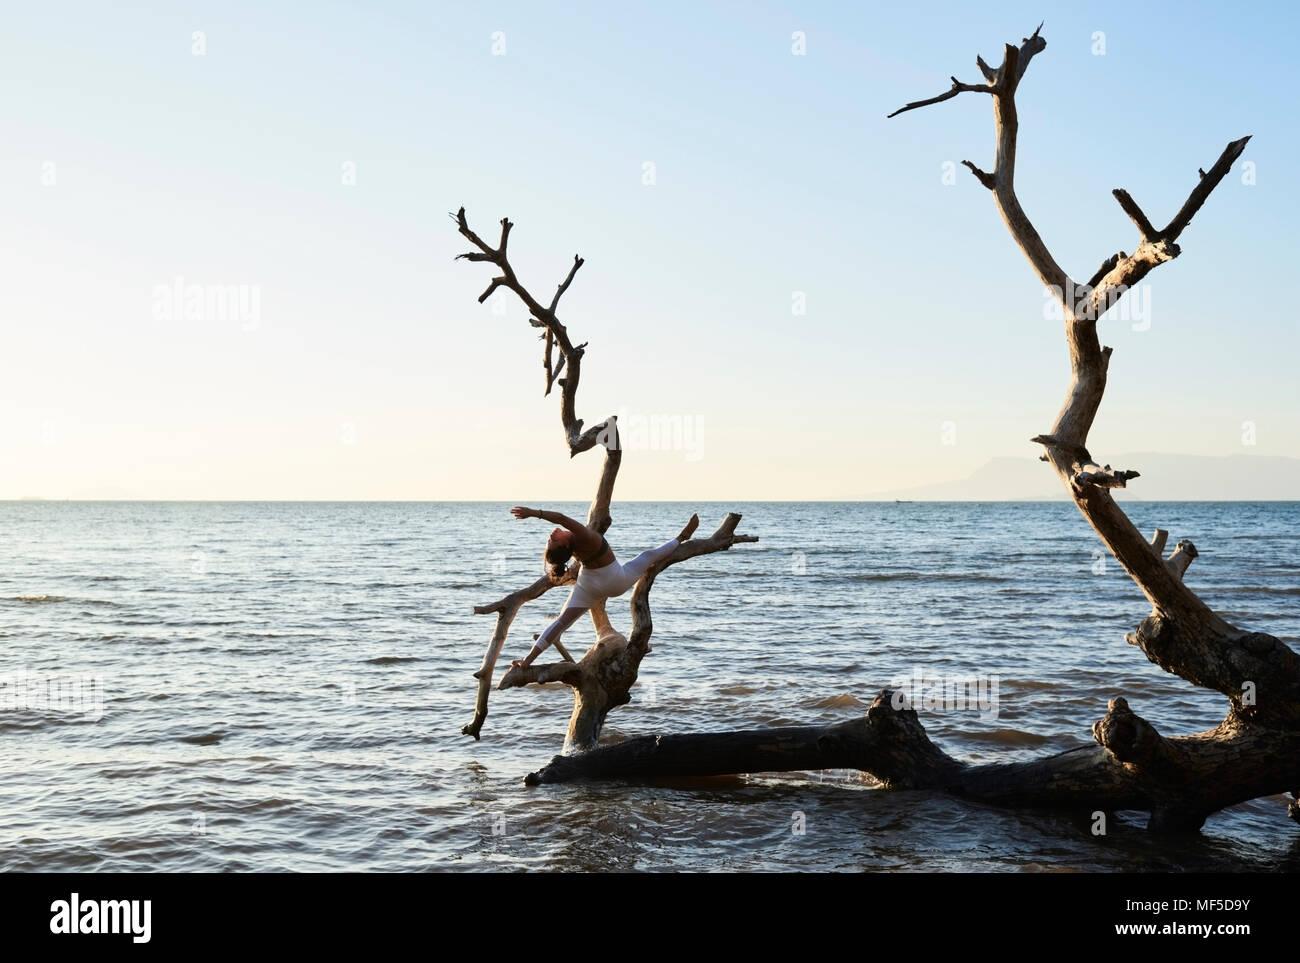 Junge Frau mit Yoga auf einen umgestürzten Baum im Meer Stockbild